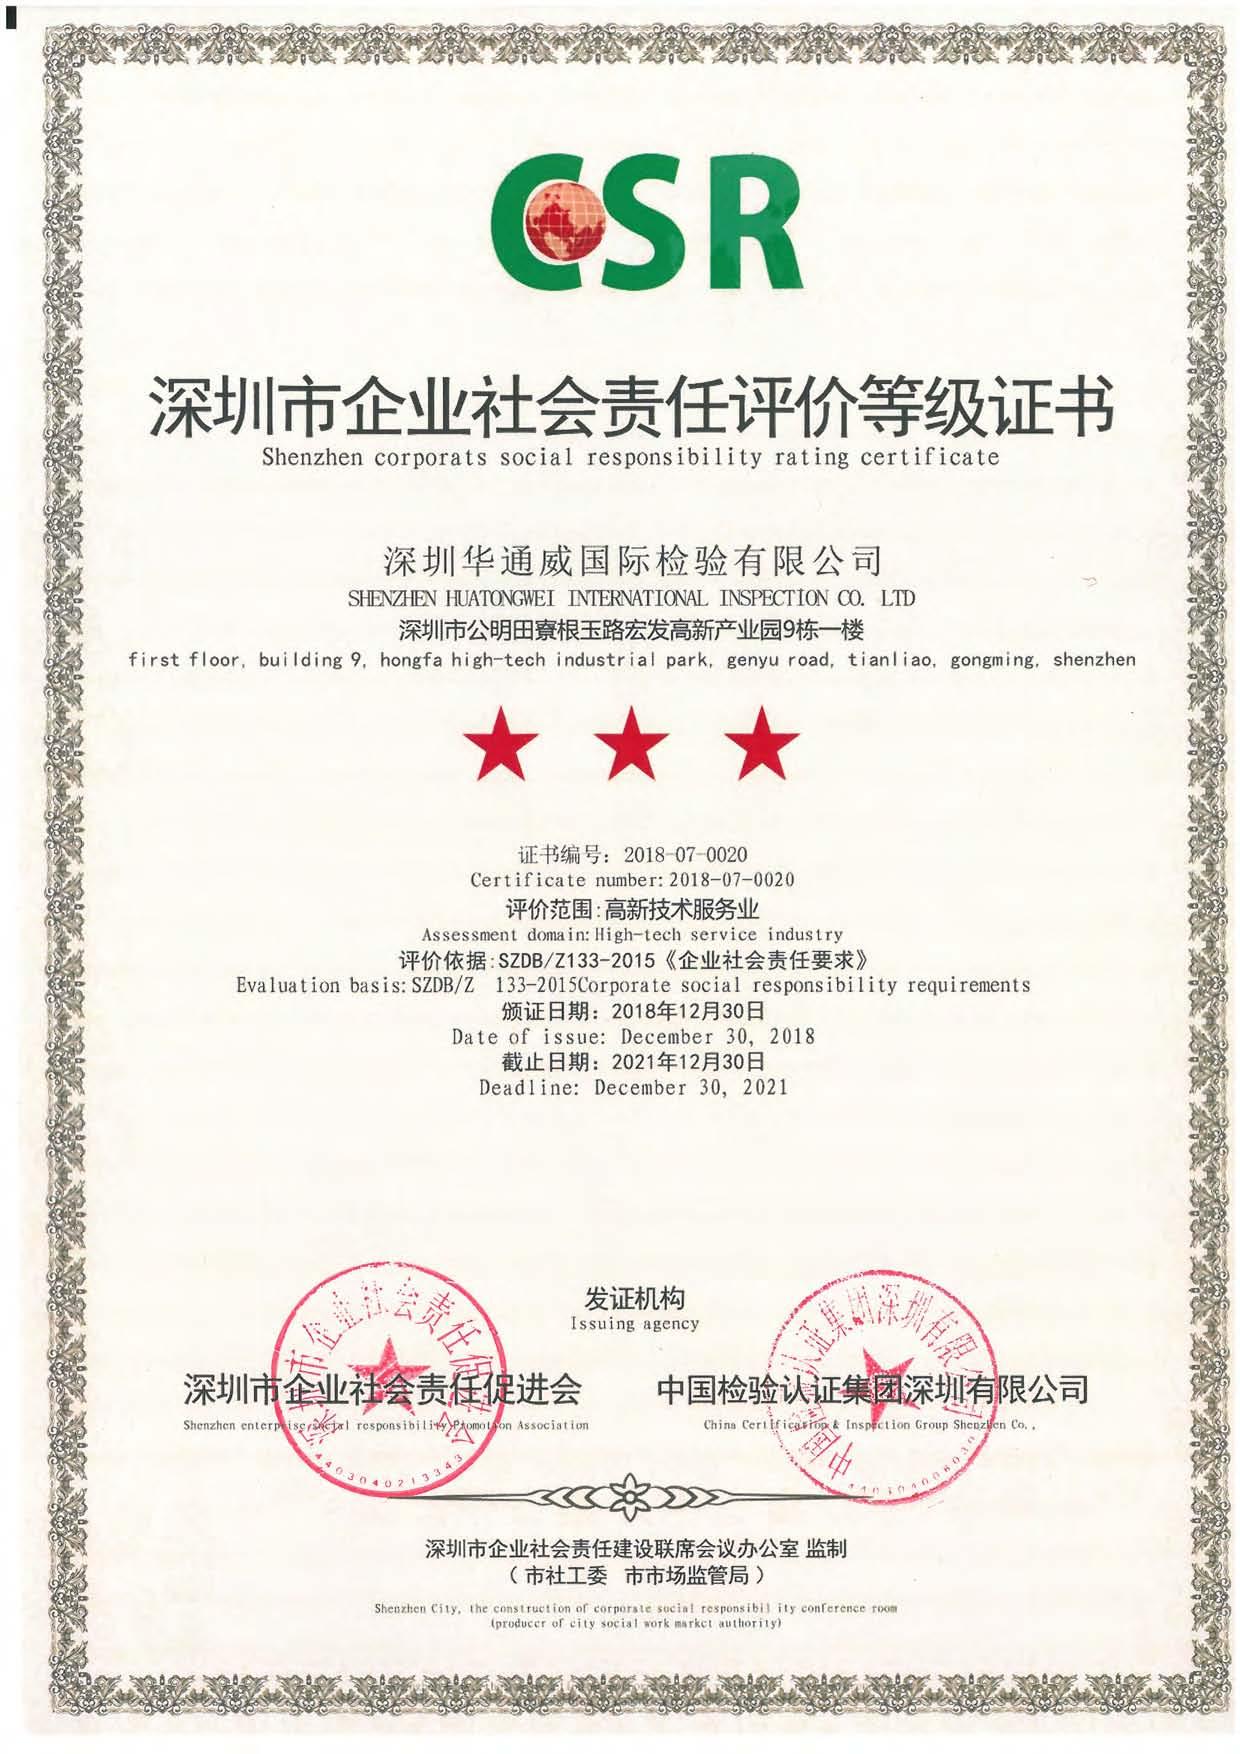 深圳市企业社会责任等级证书